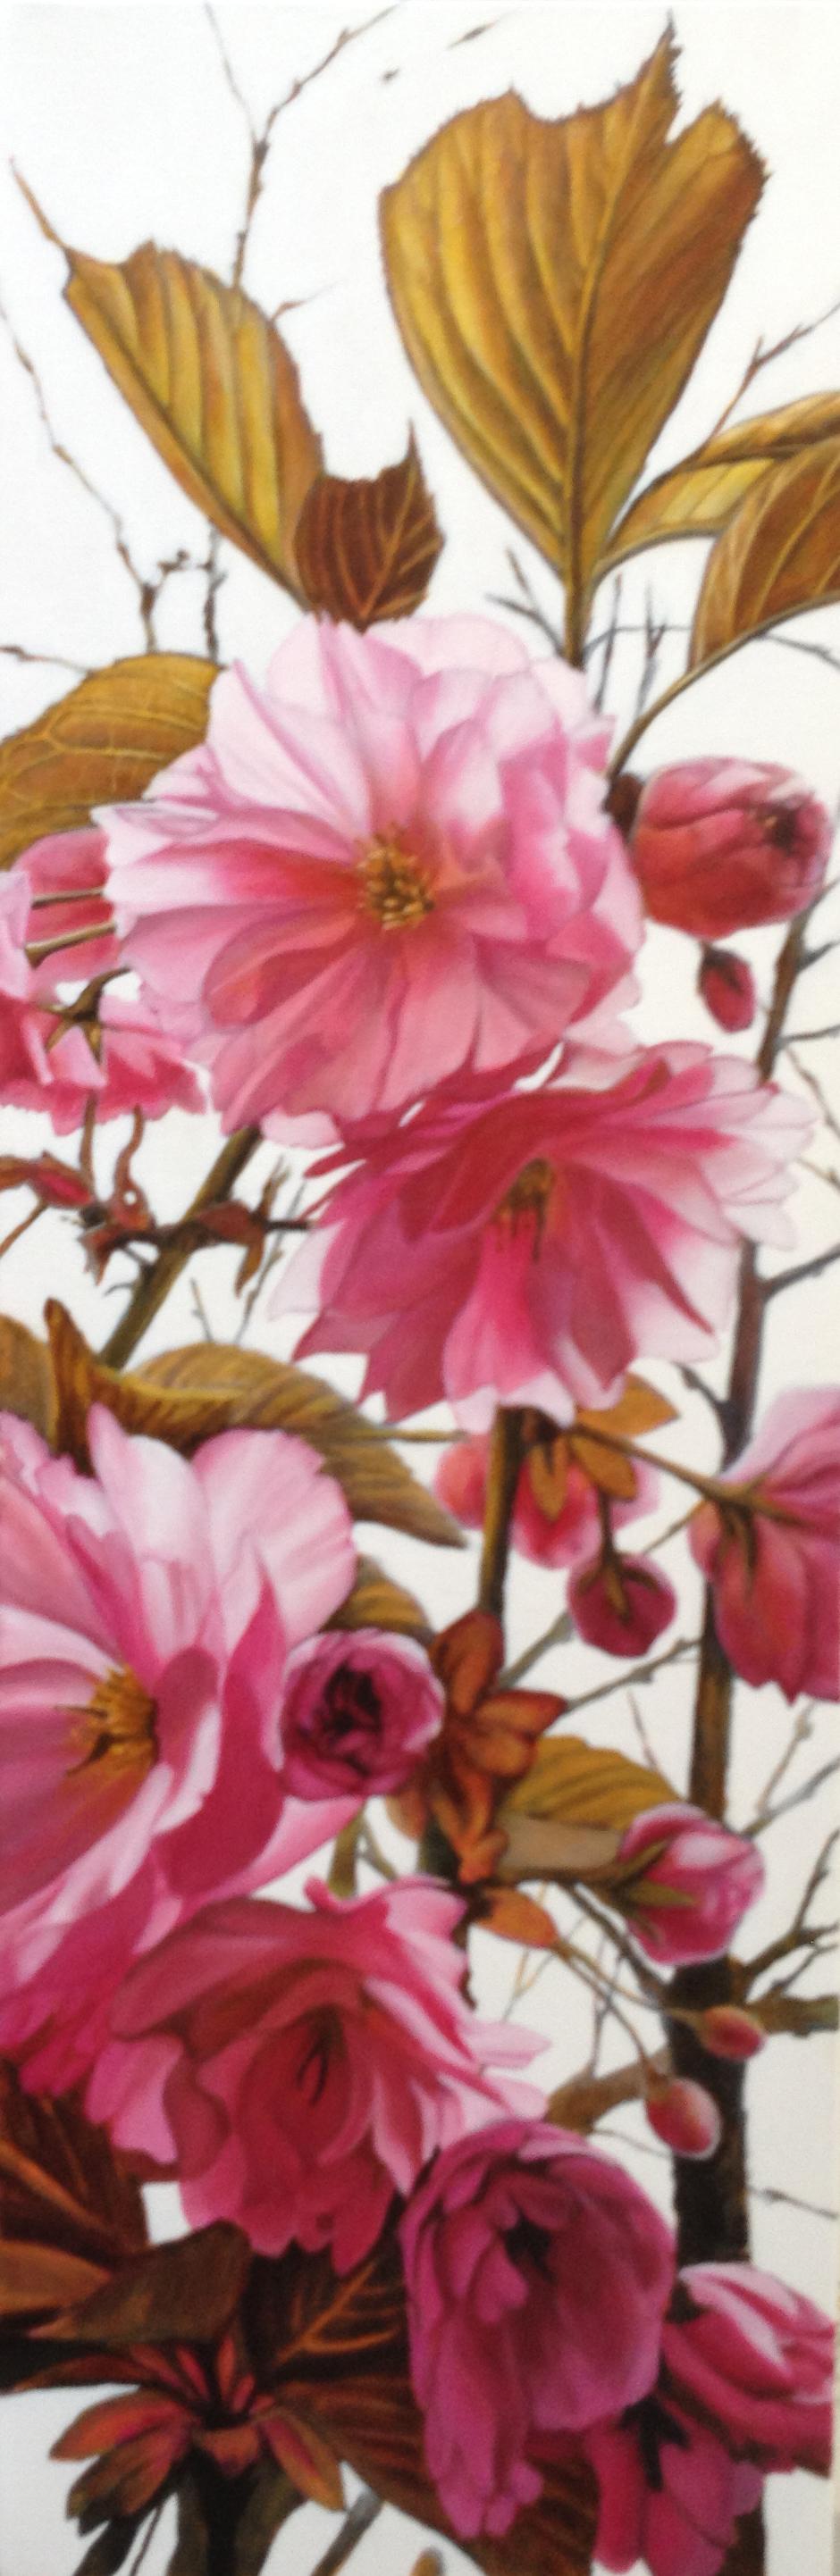 Qingdao blossom